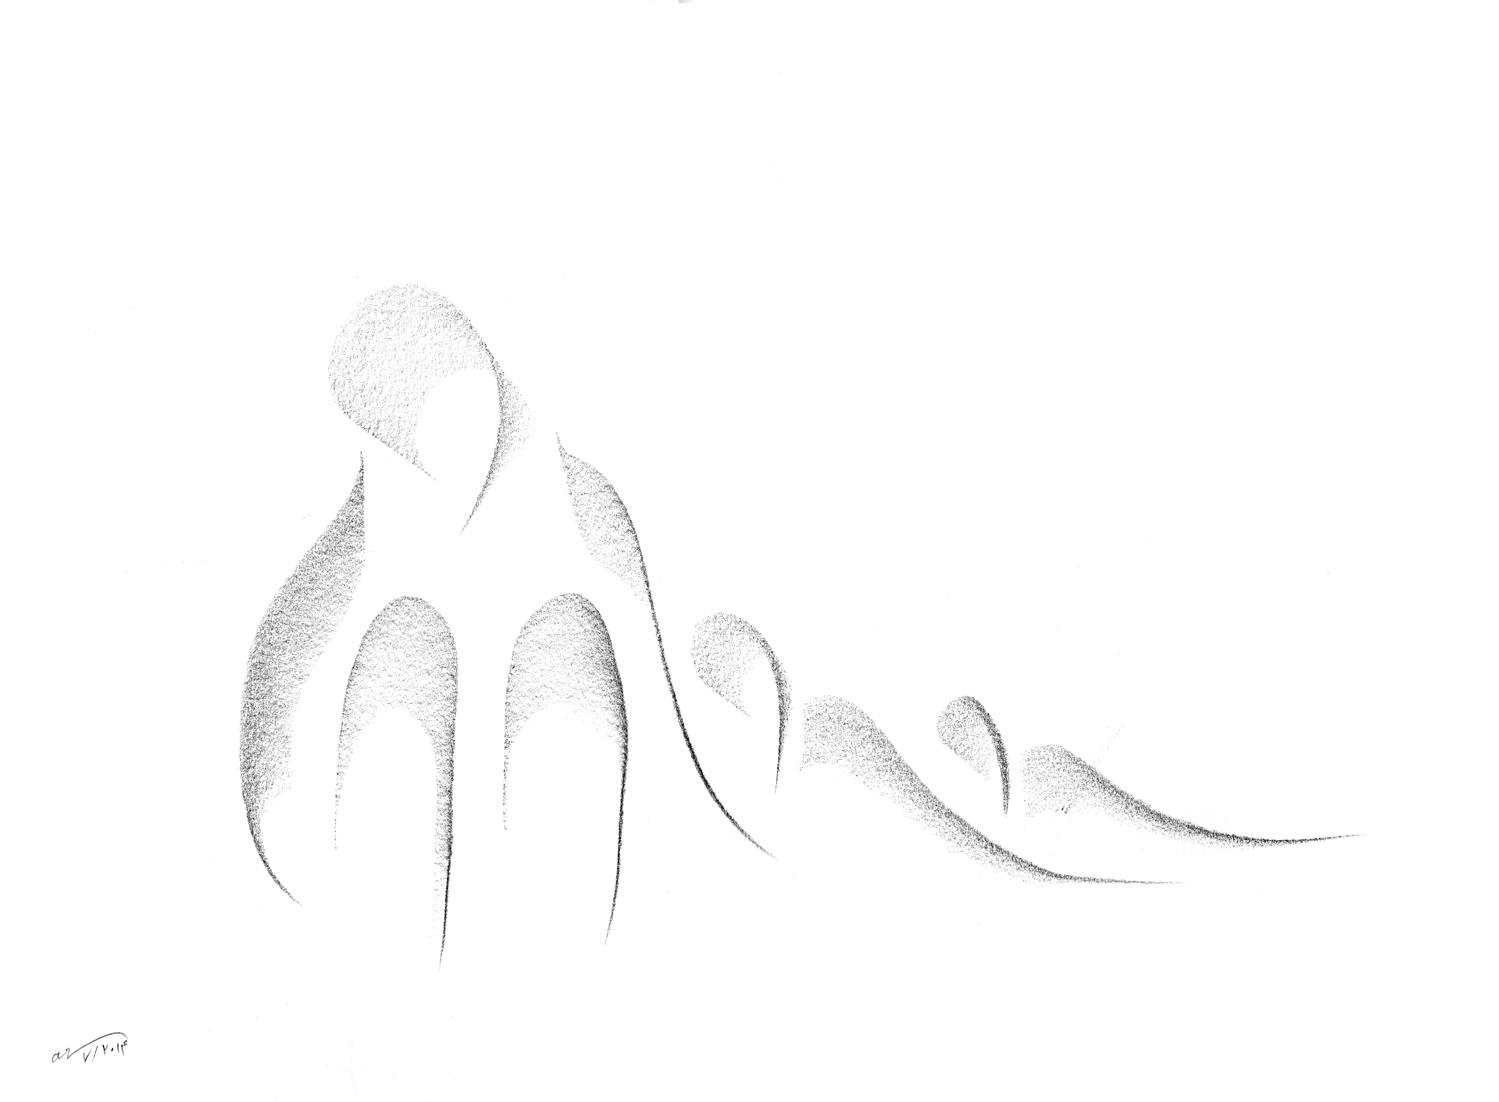 Pivoine aux poings nus - 2